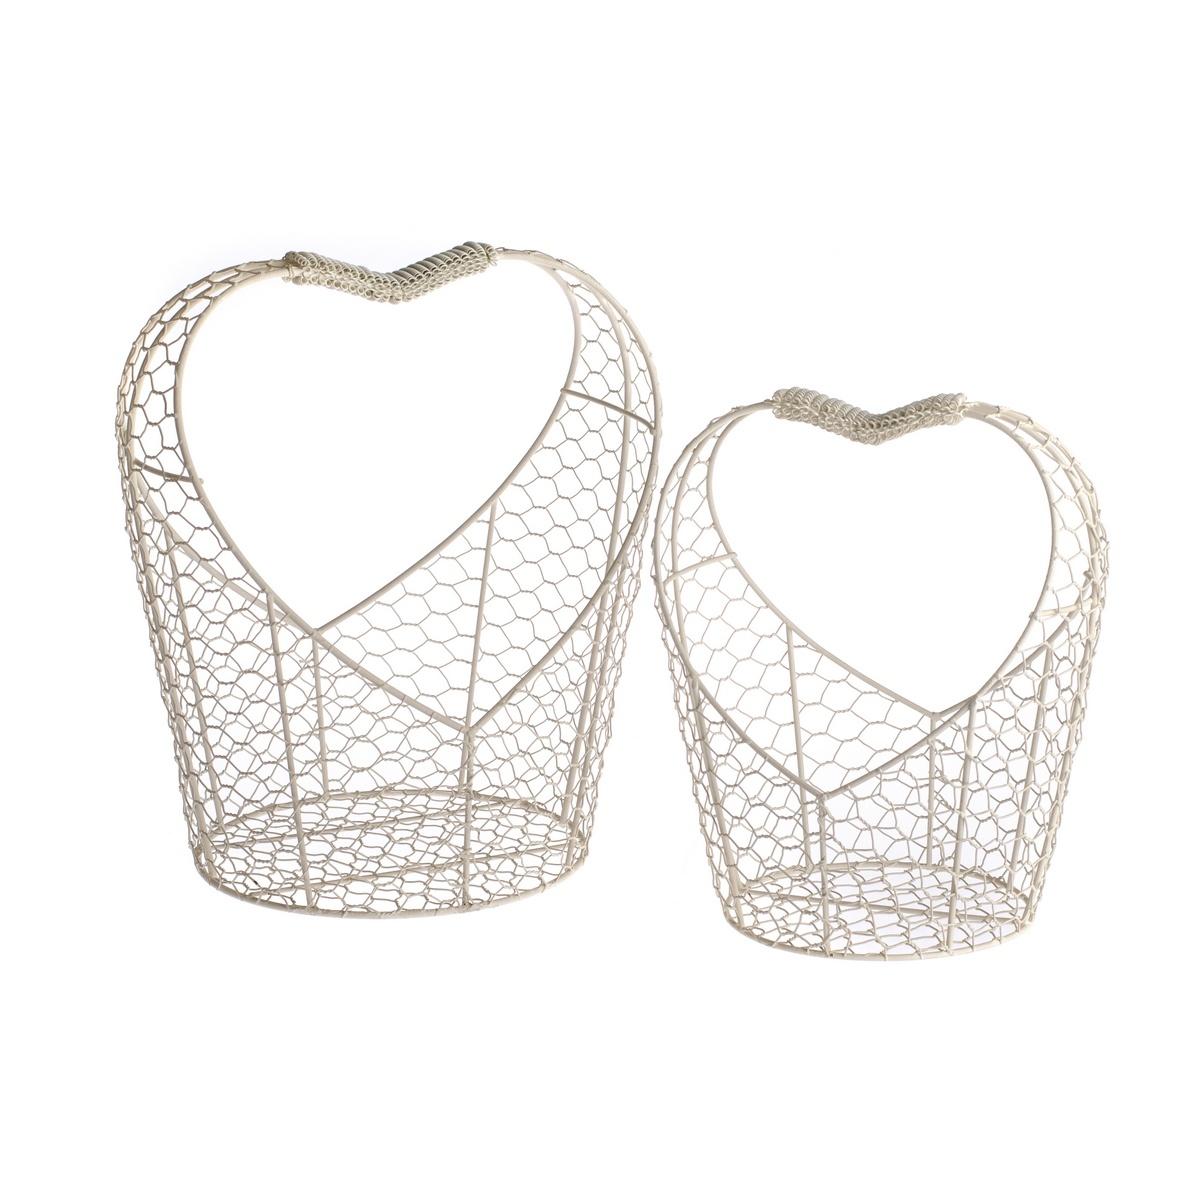 Sada kovových košíků Hearts, 2 ks